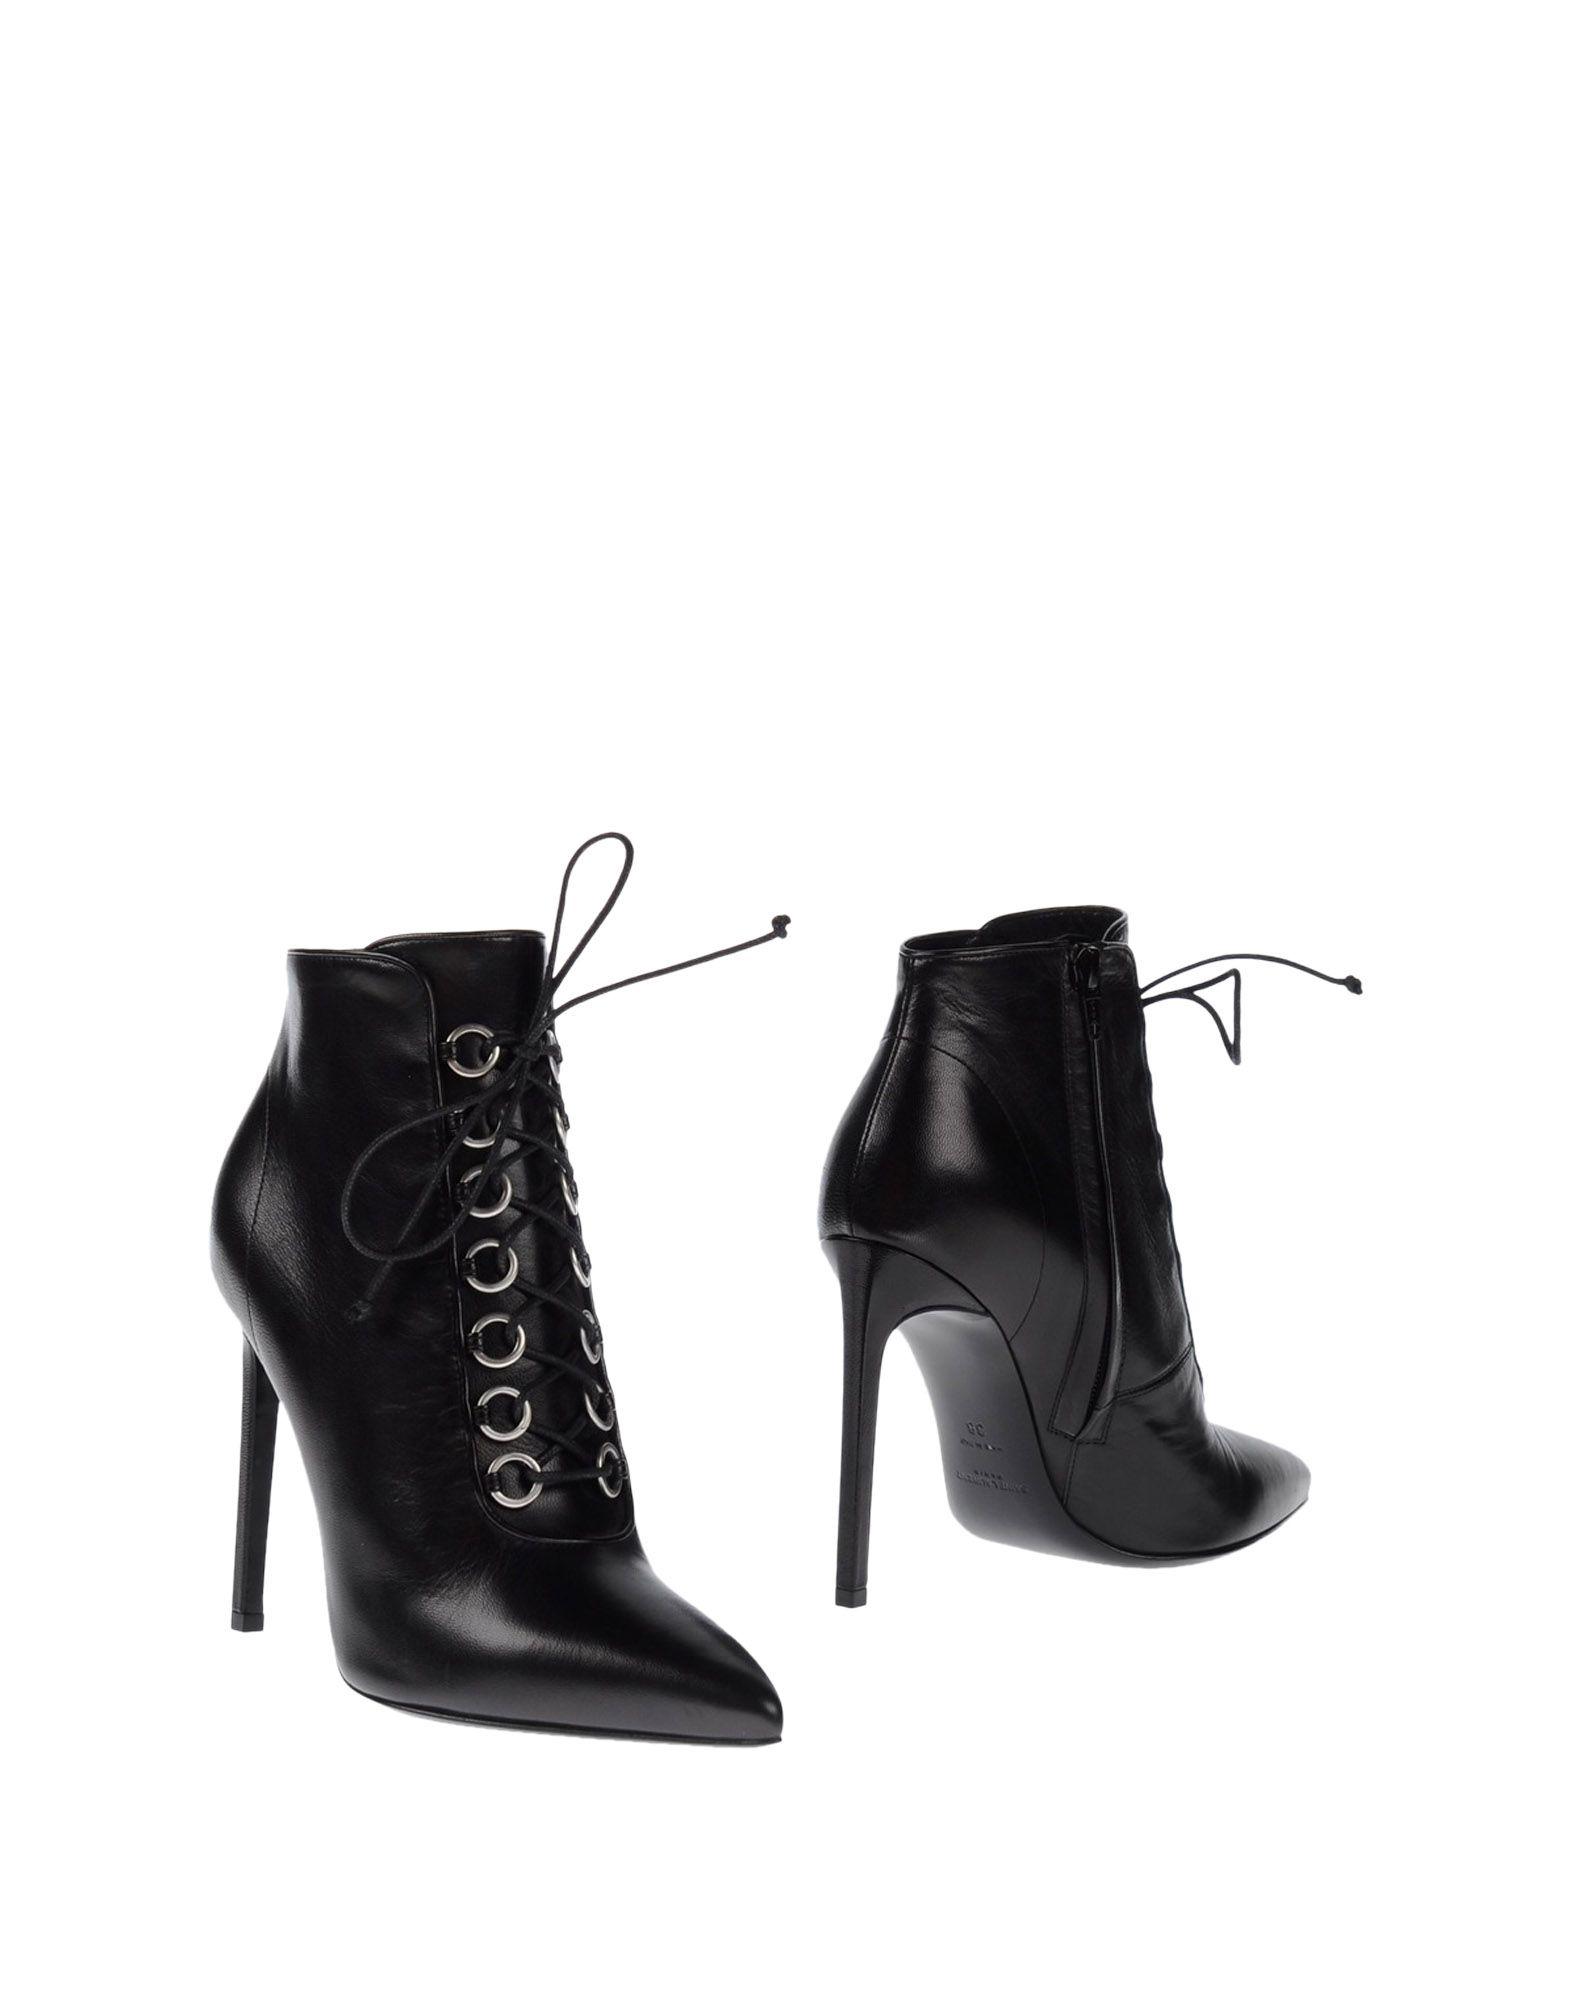 Saint Laurent Stiefelette aussehende Damen  11031295TXGünstige gut aussehende Stiefelette Schuhe 0974e7